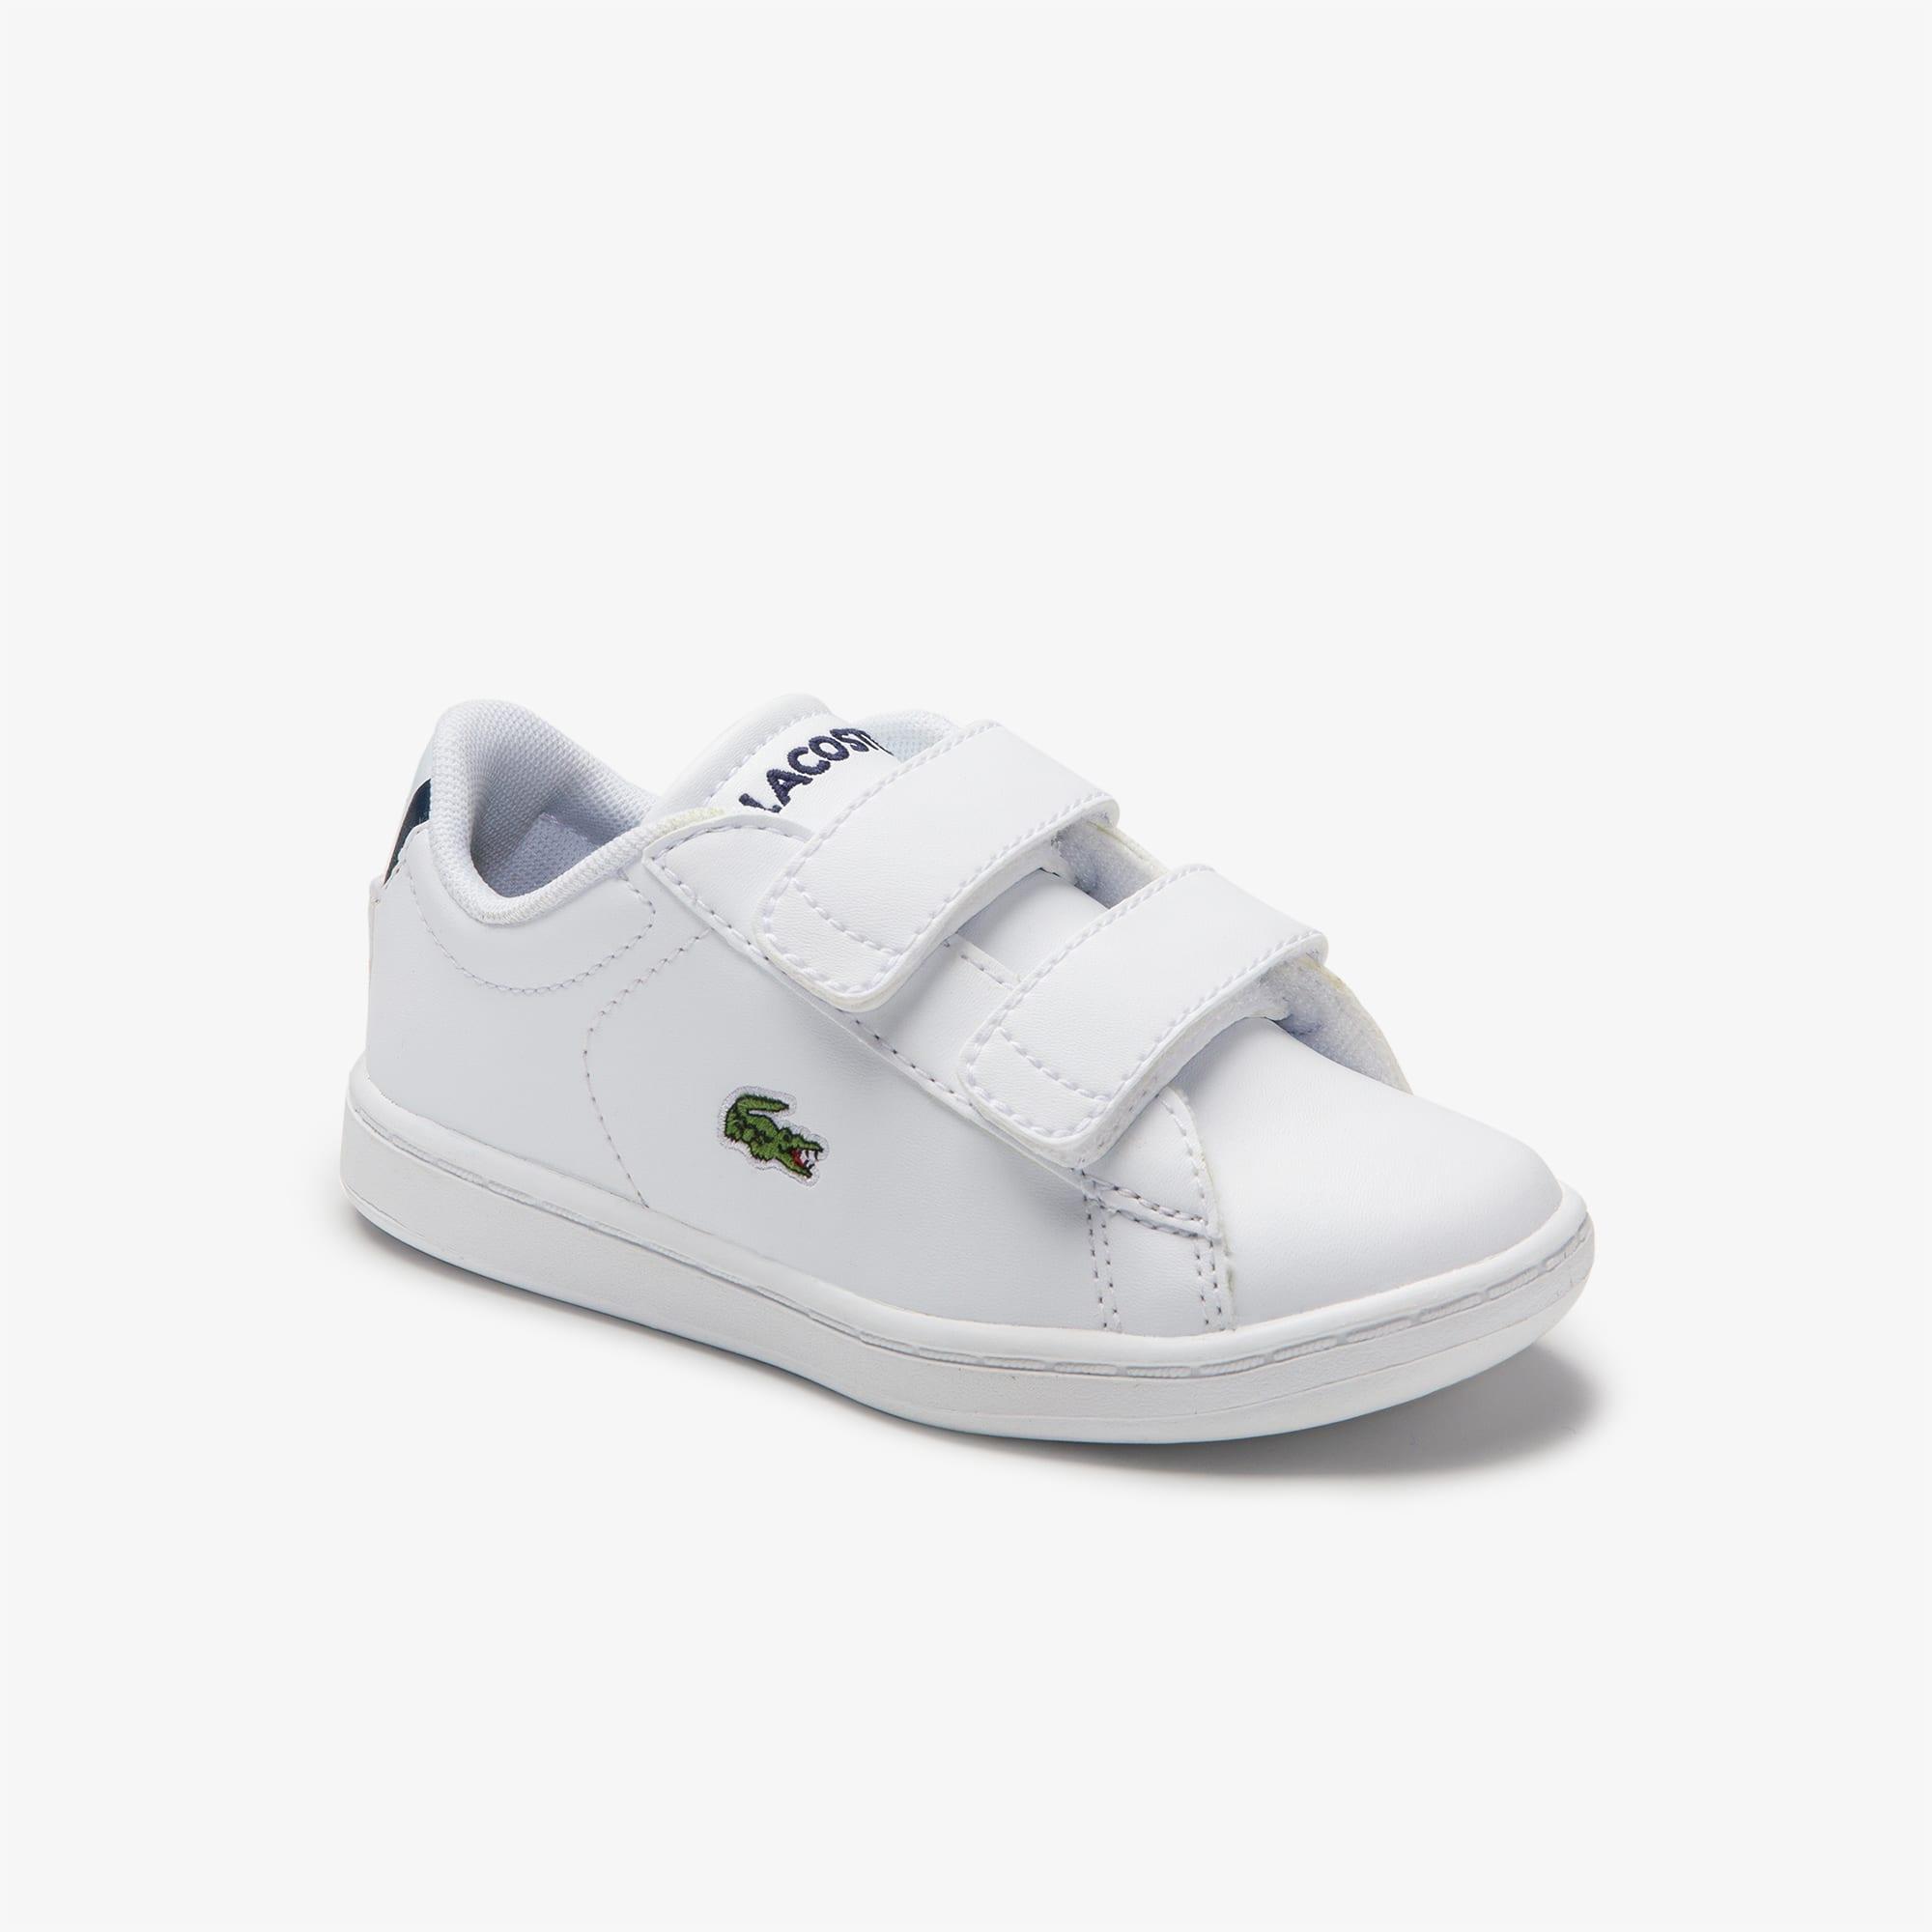 Kids' Carnaby Evo Klettverschluss Strap Sneakers